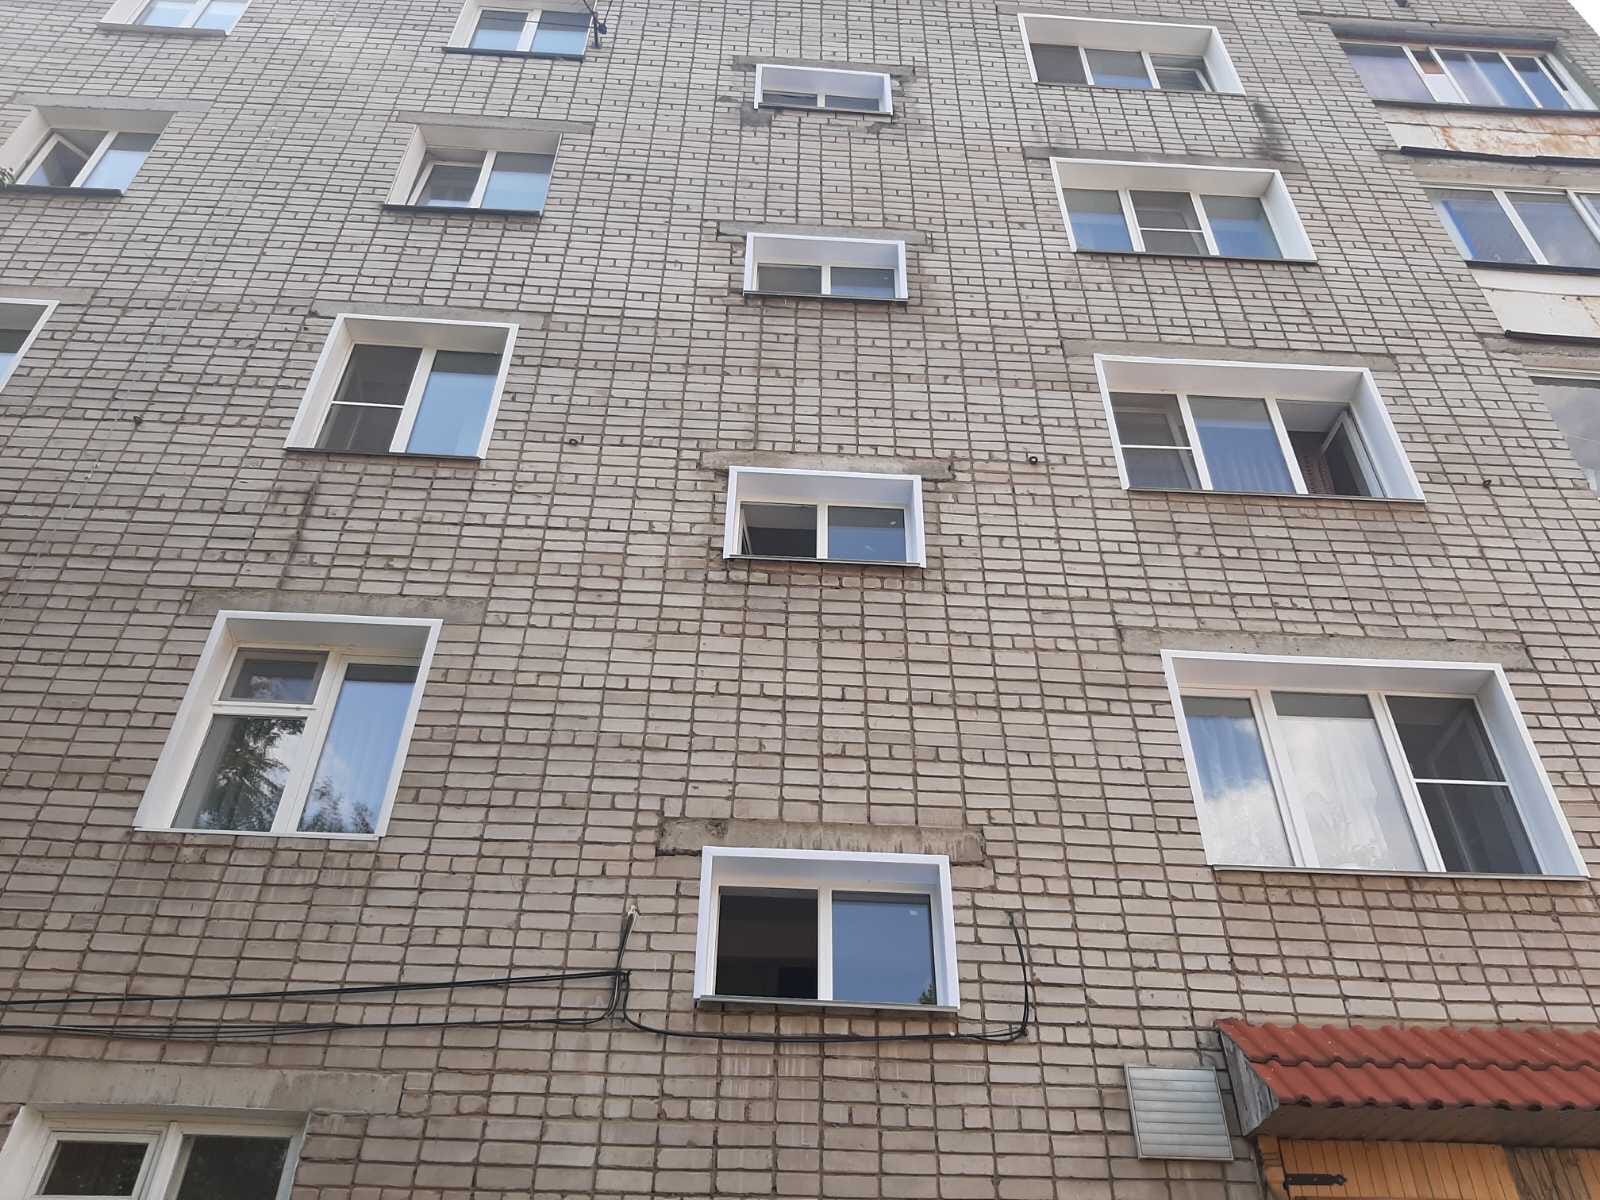 Улица Широнинцев дом 13. Подрядчик закончил установку